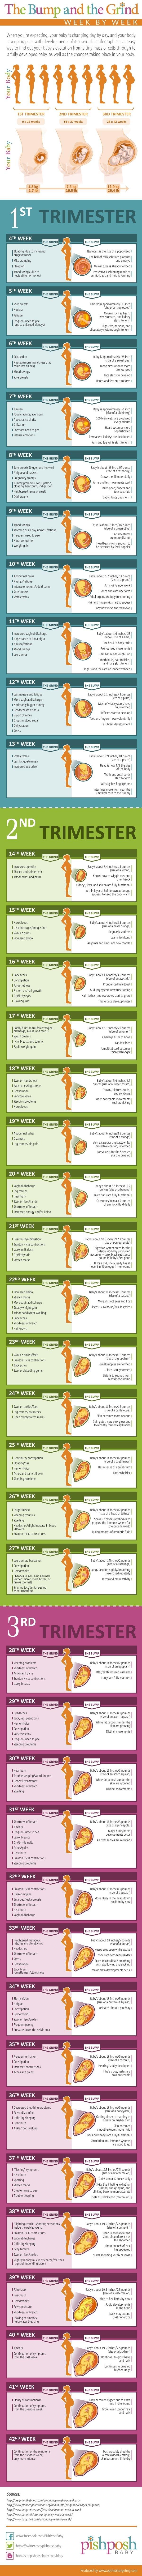 Get Free Printable Pregnancy Weekweek Chart Pictures